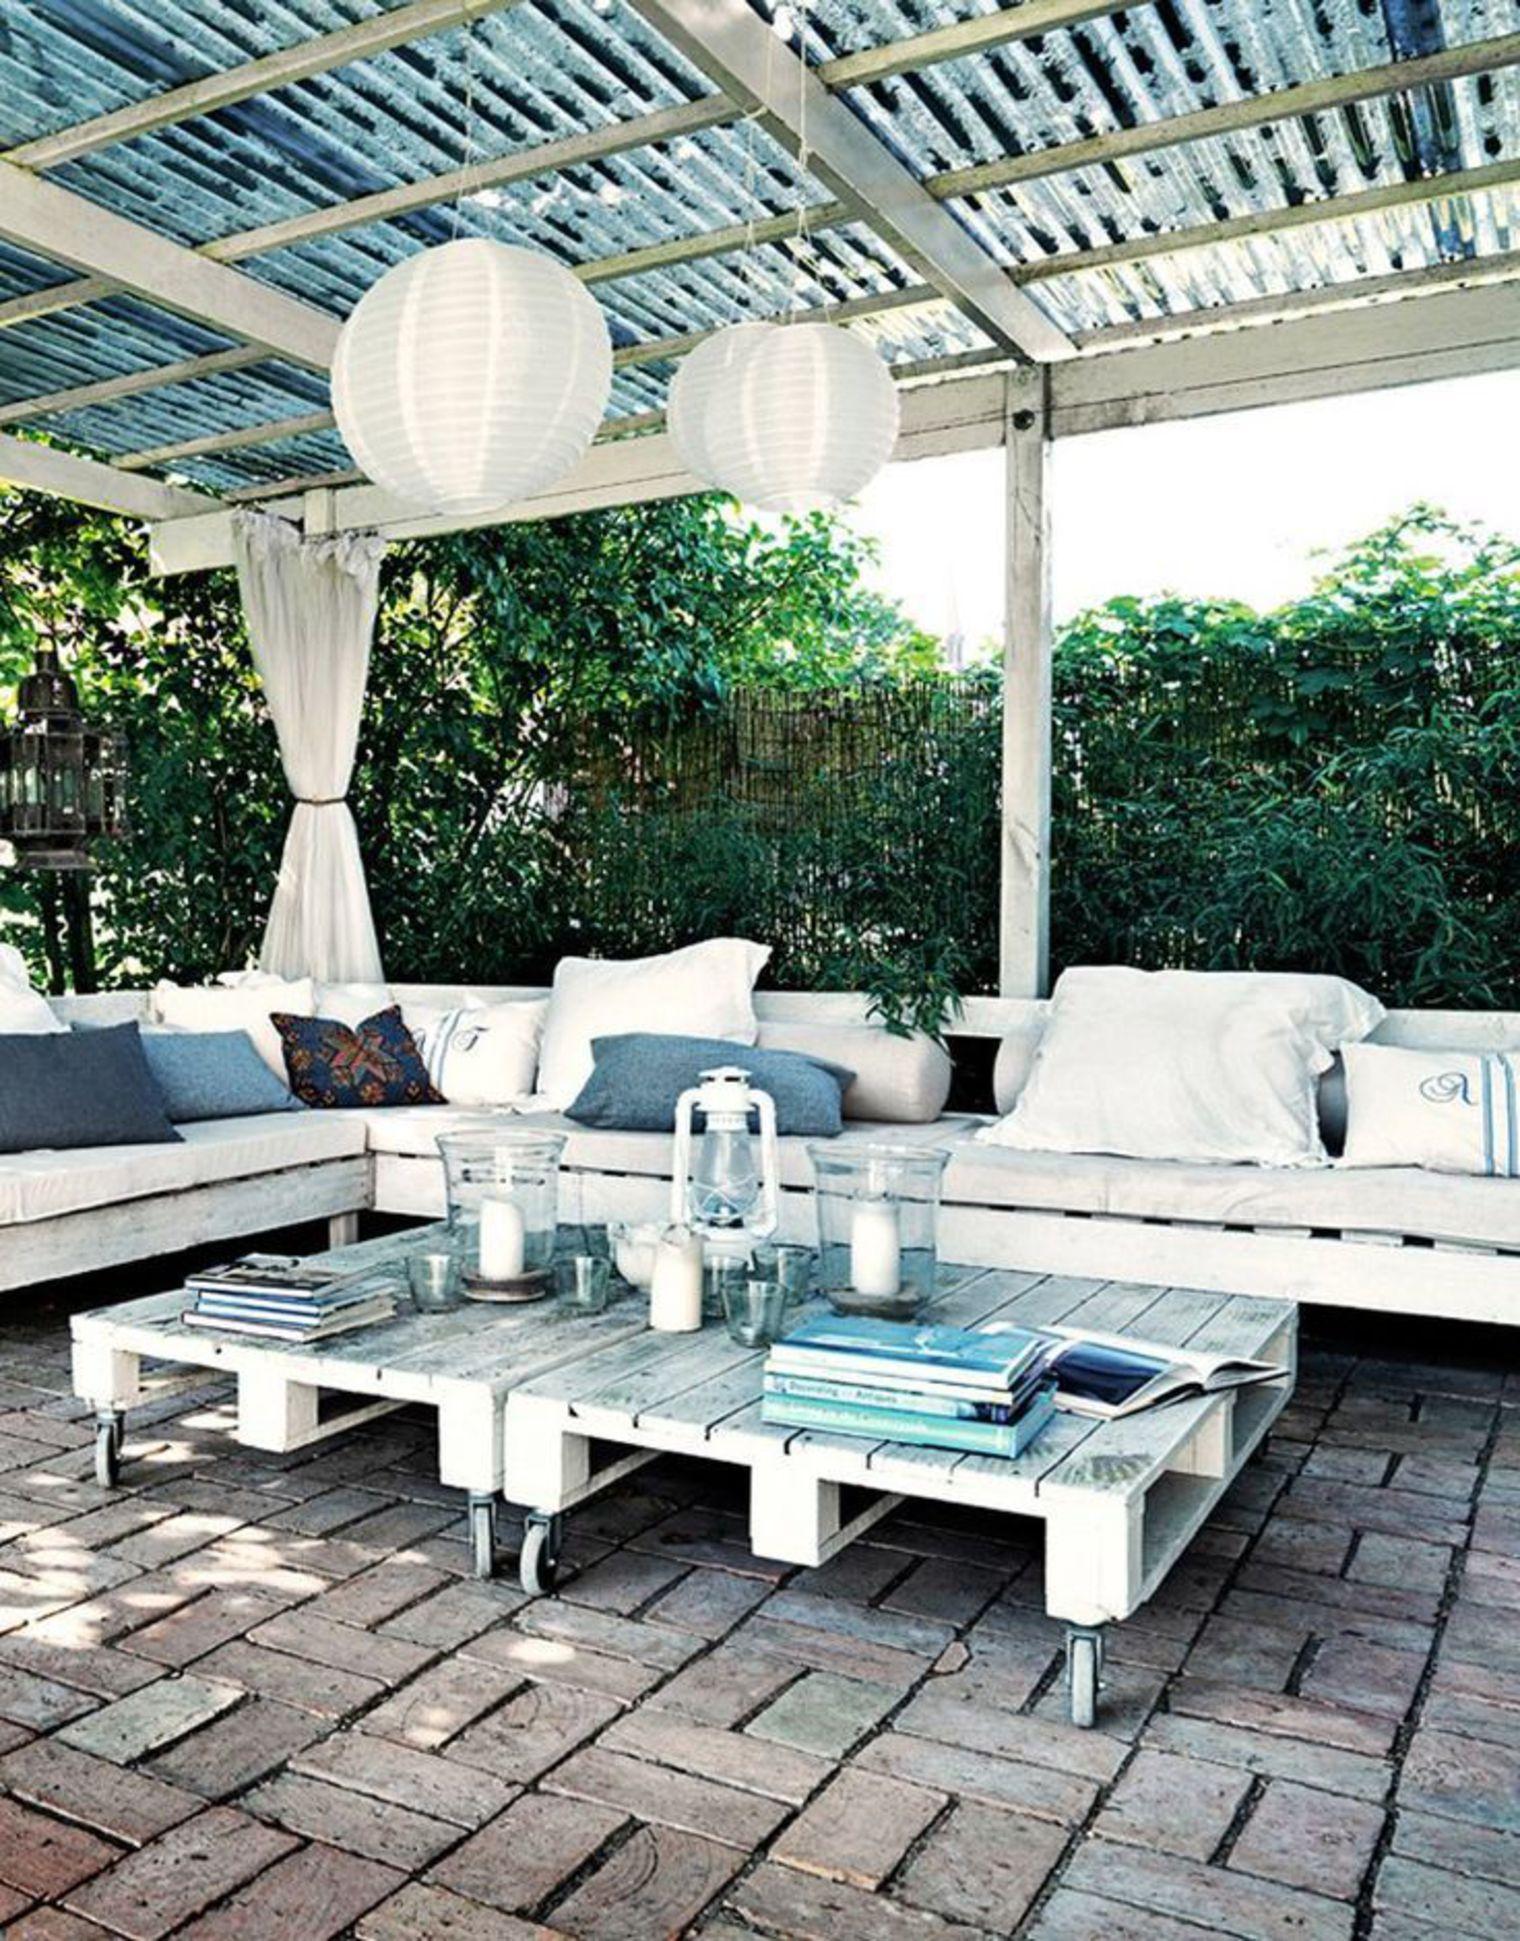 Muebles de exterior low cost con pallets para la terraza - Bancos de exterior ...